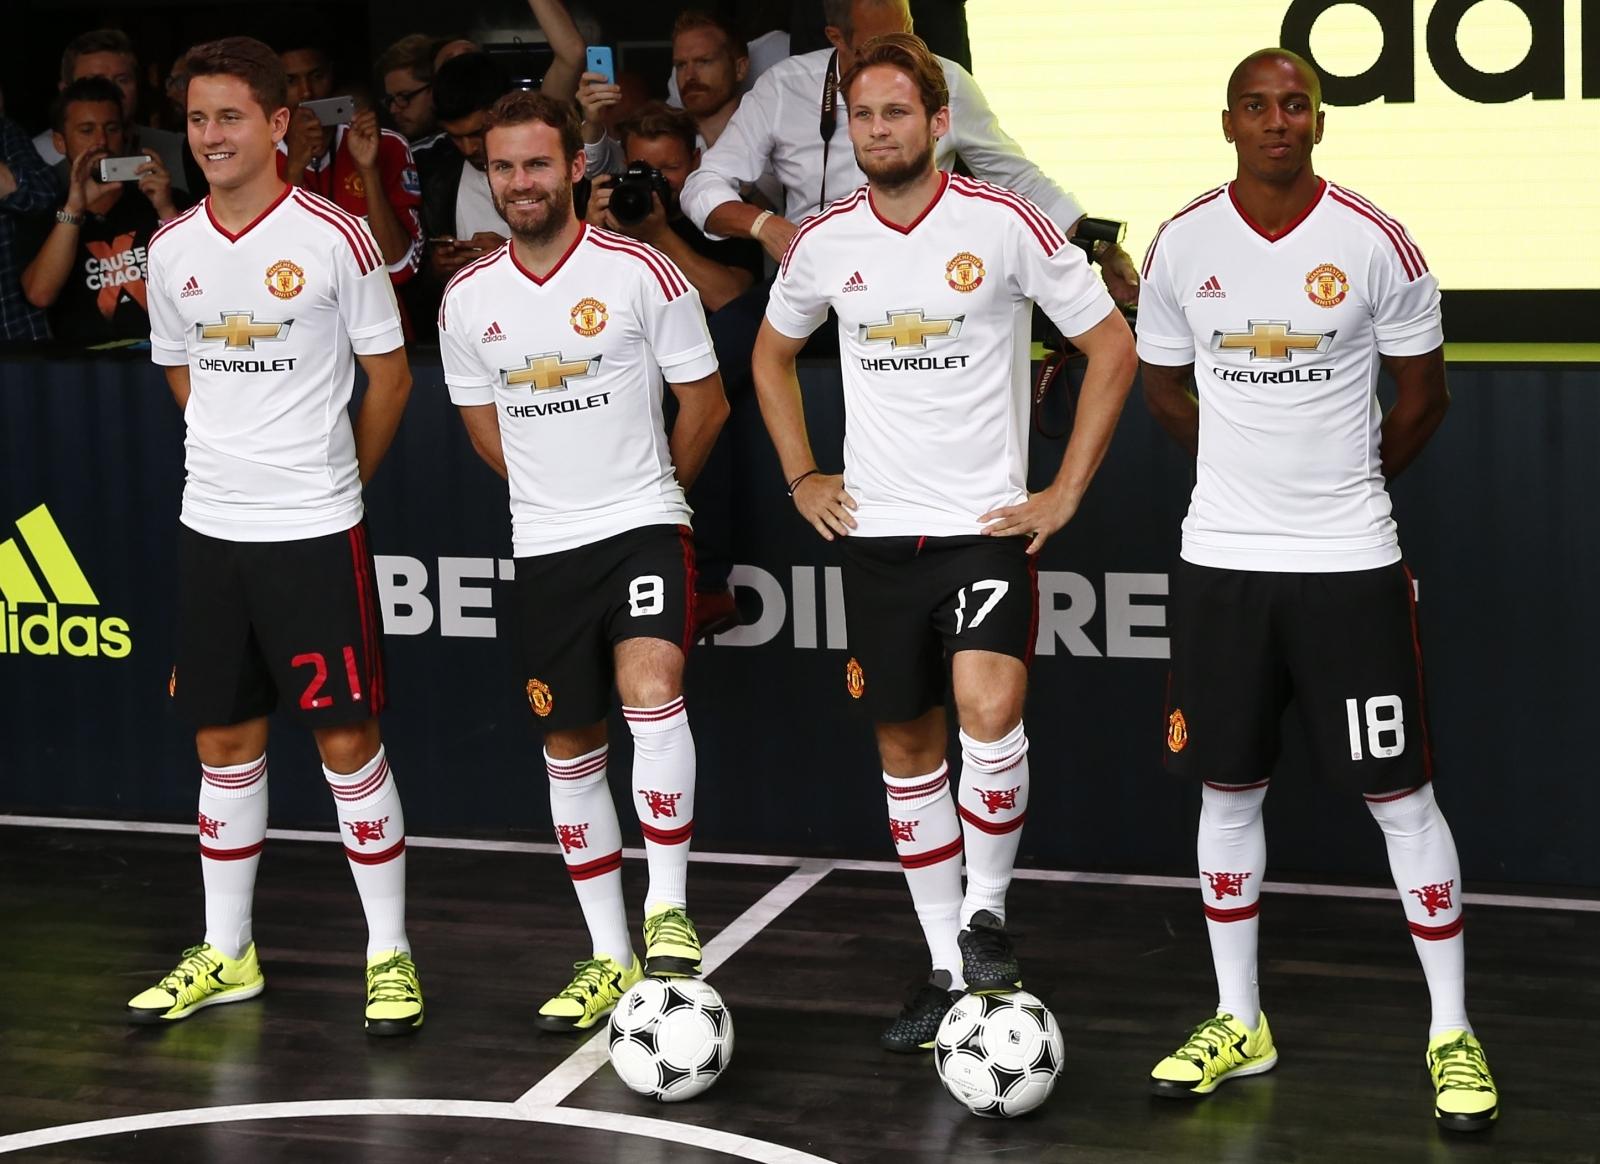 Ander Herrera, Juan Mata, Daley Blind and Ashley Young